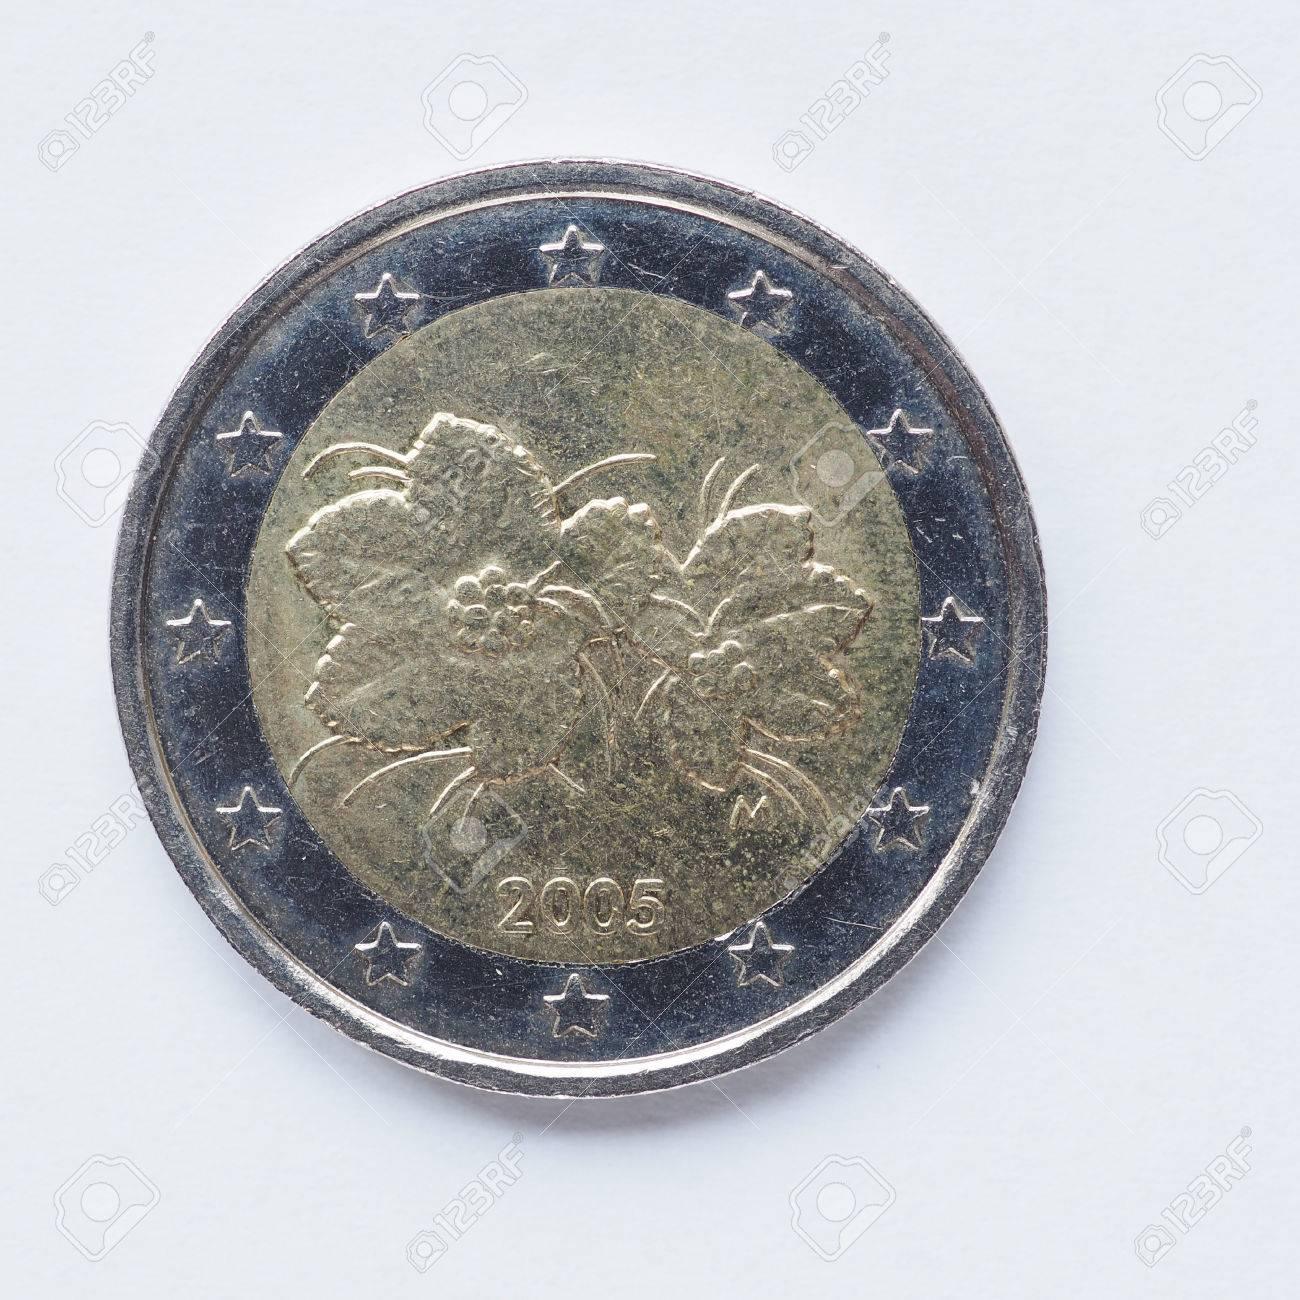 Währung Europas 2 Euro Münze Aus Finnland Lizenzfreie Fotos Bilder